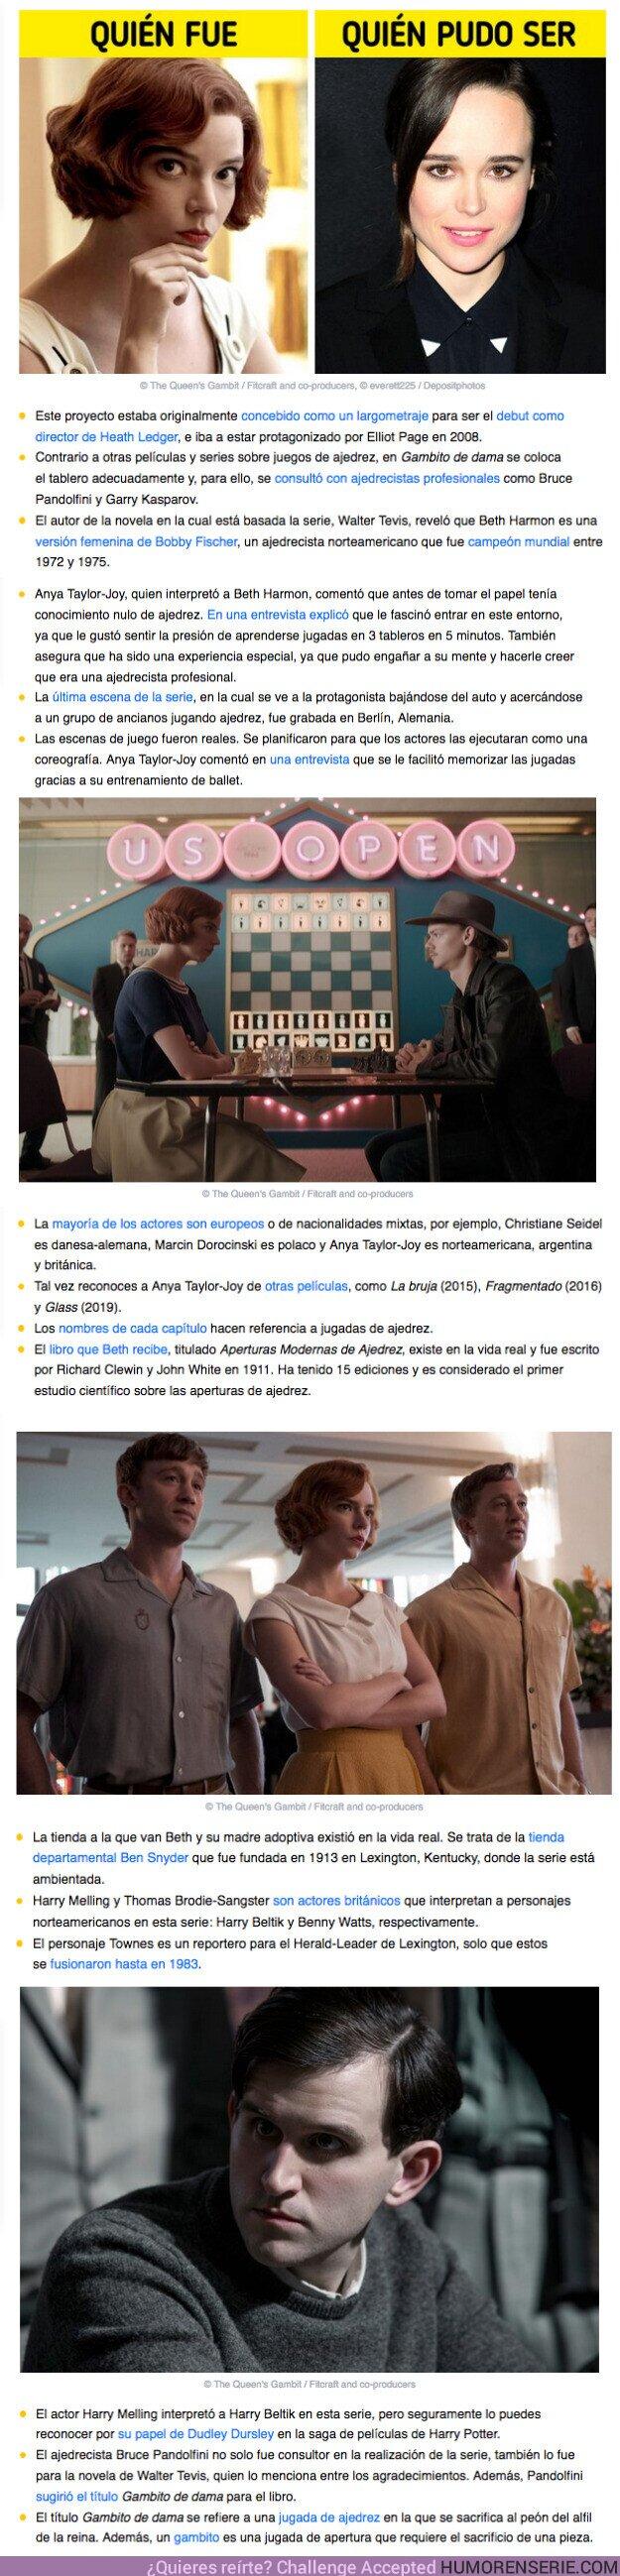 """63182 - GALERÍA: 16 Datos singulares sobre la miniserie de Netflix """"Gambito de dama"""""""